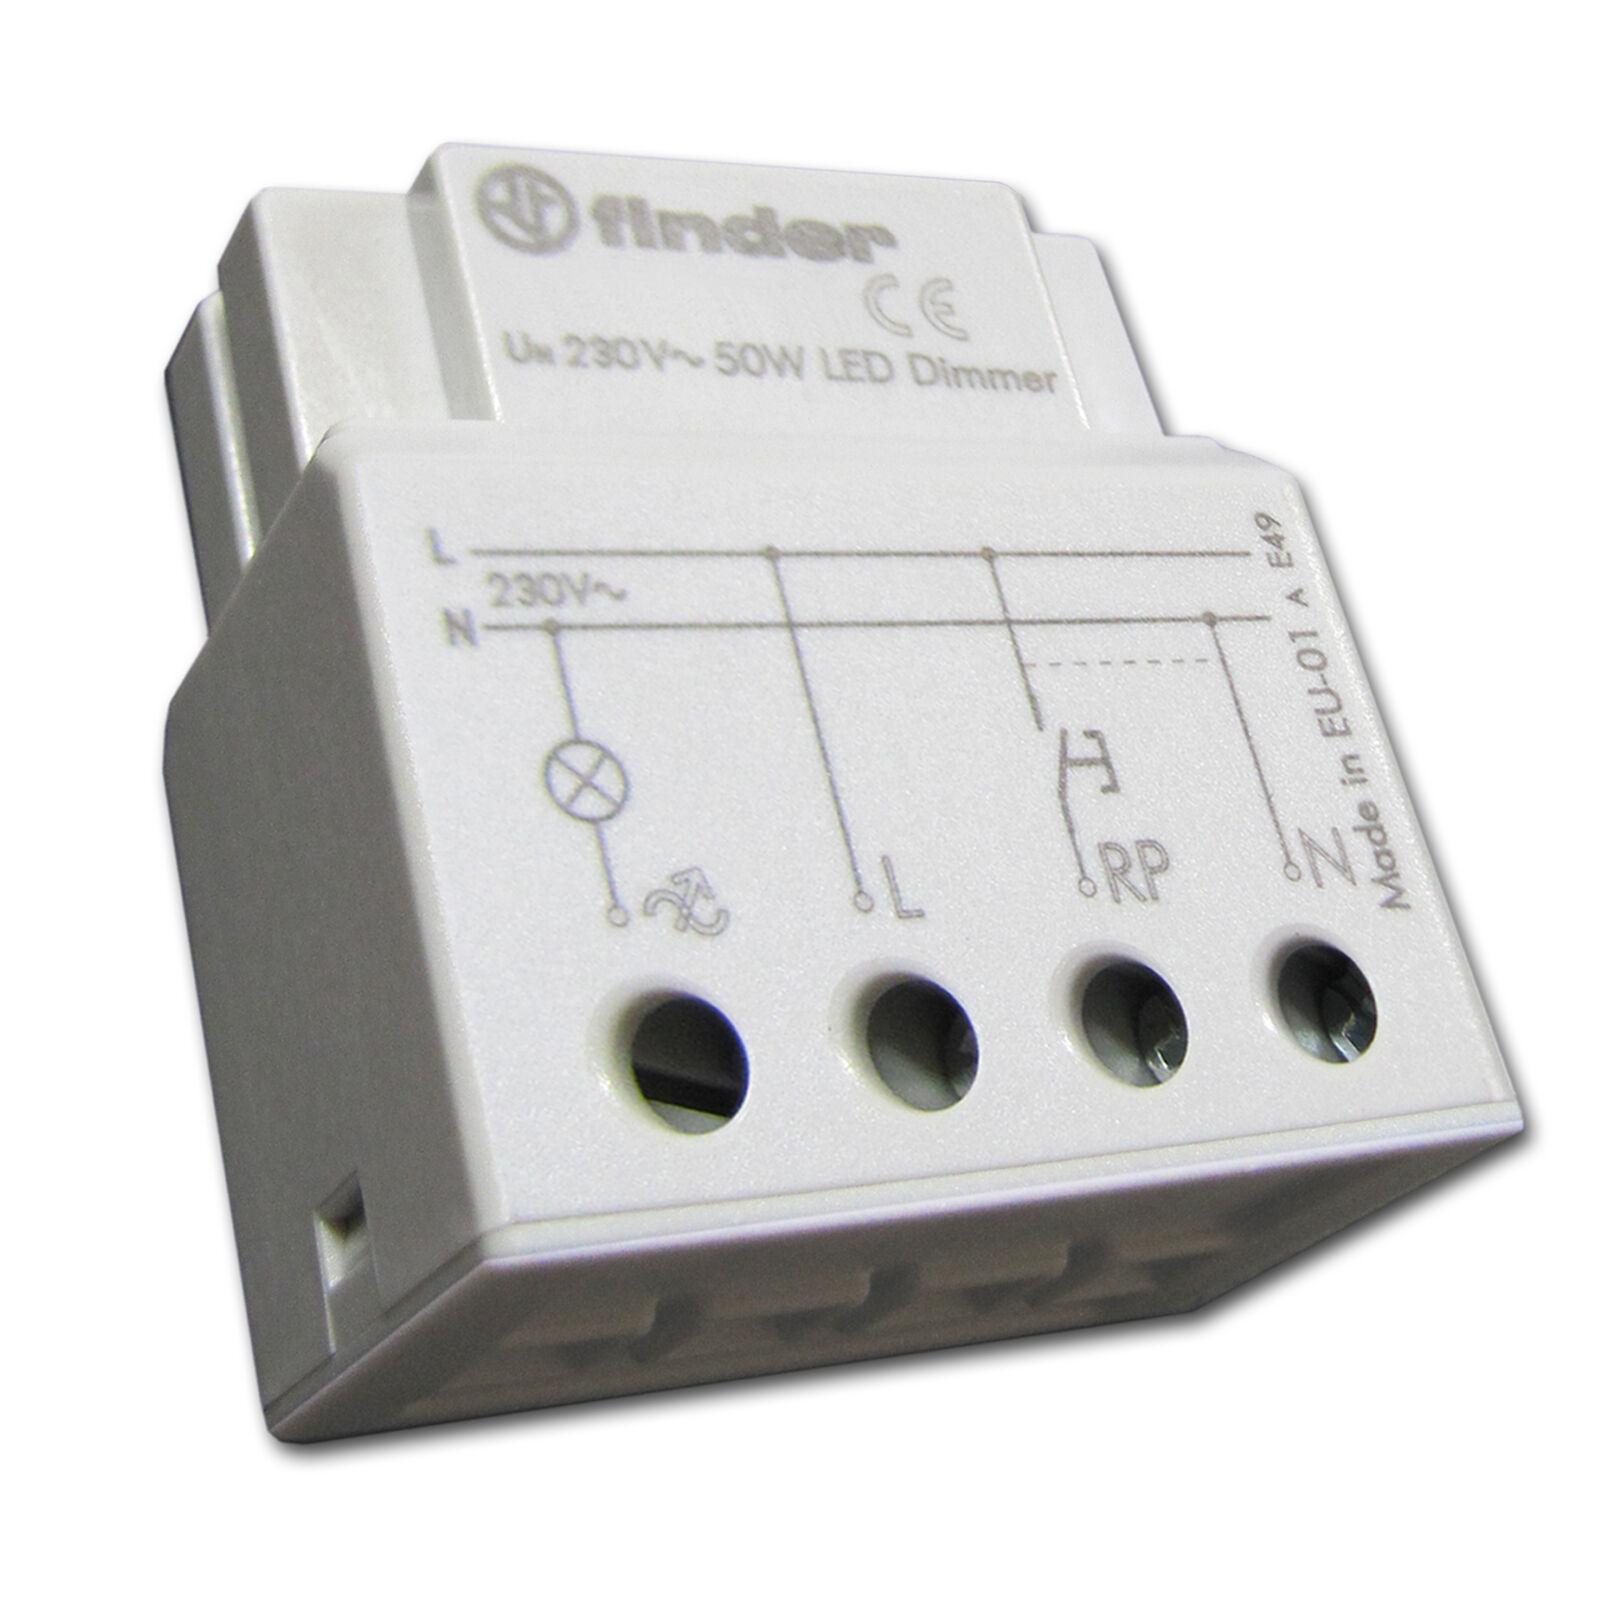 LED Dimmer Einsatz 3-50W 230V 12V passt in UP Schalterdose 60mm o. Hohlwanddose     Professionelles Design    Clearance Sale    Verschiedene Stile und Stile